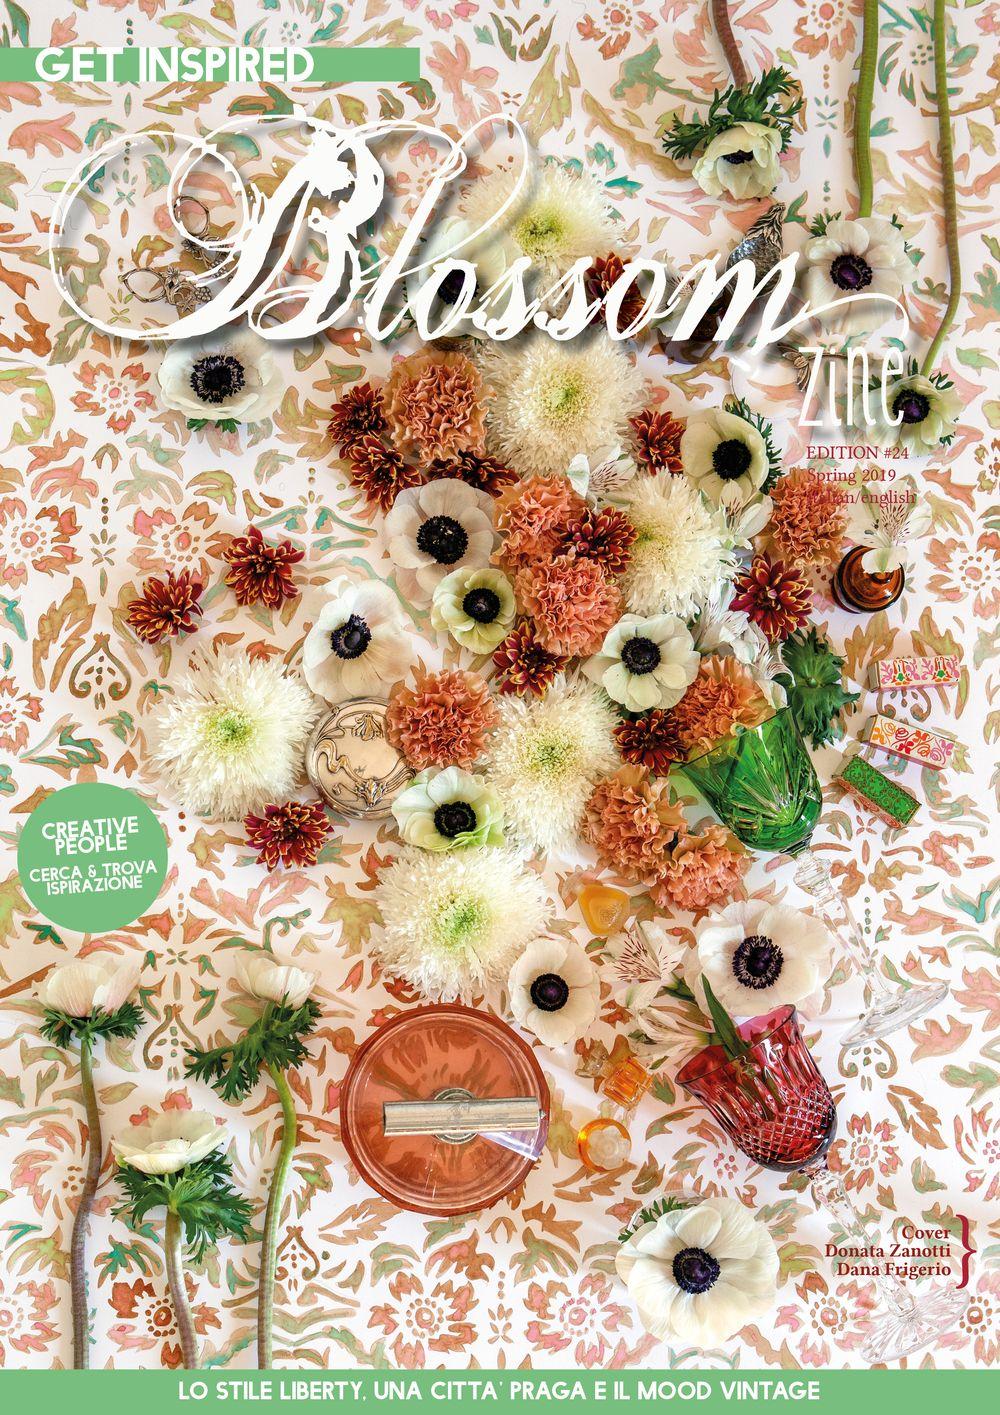 dana-frigerio-Blossom-zine-spring-